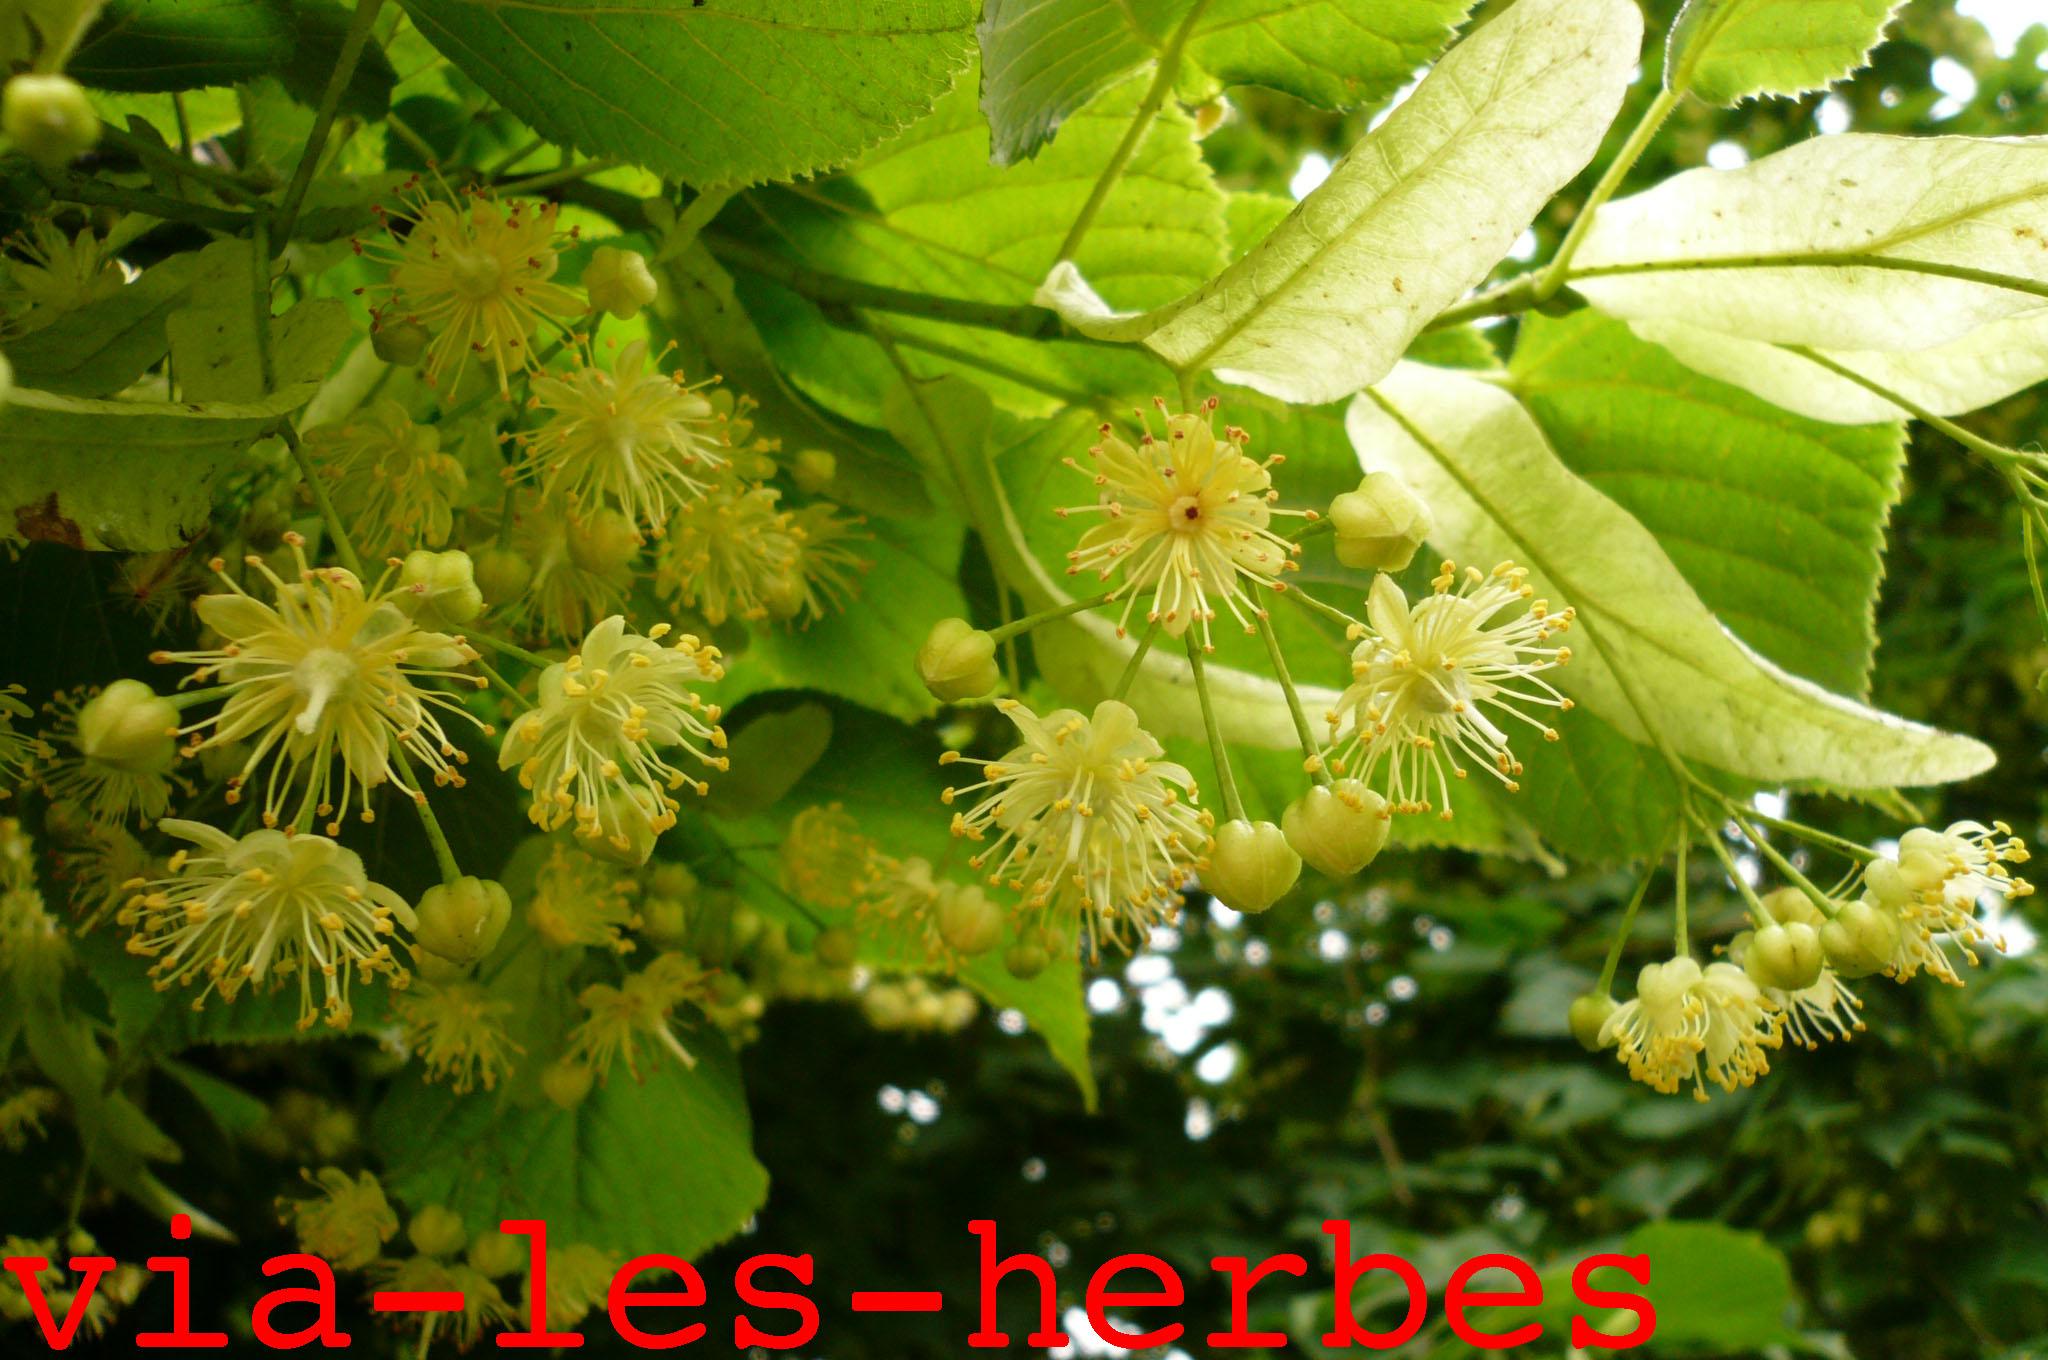 Le tilleul s datif calmant f brifuge et sudorifique via les herbes - Tilleul a grandes feuilles ...